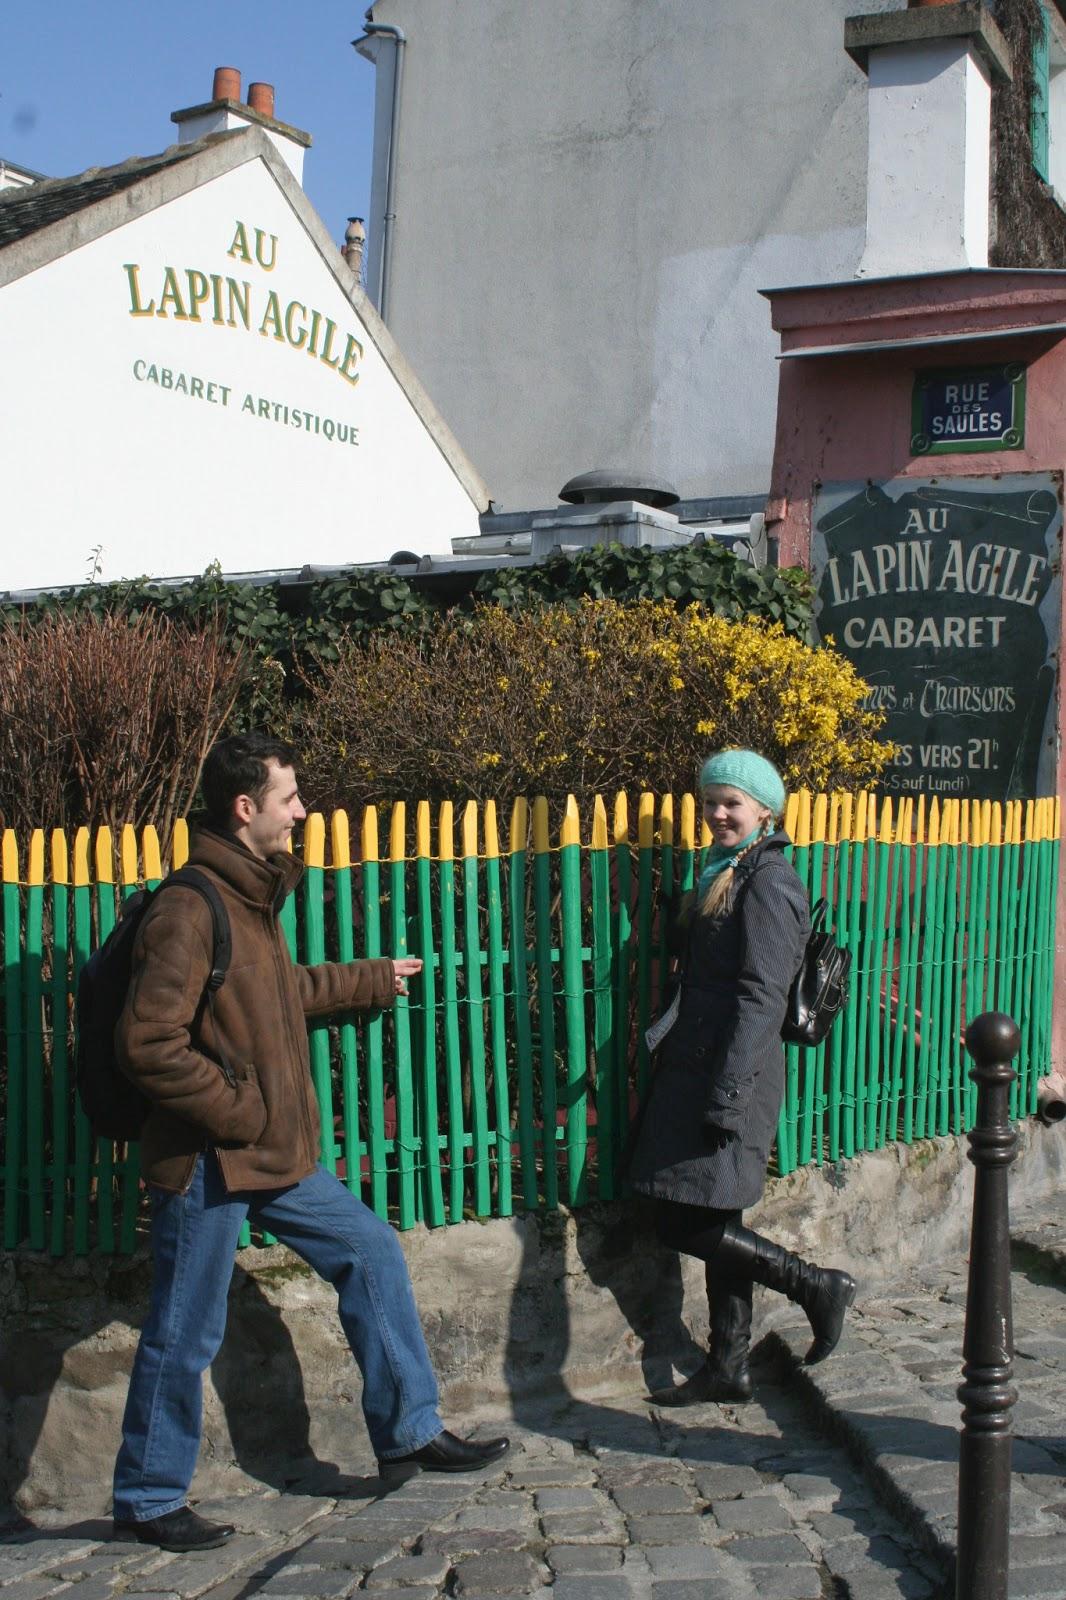 Кабаре Lapin agile